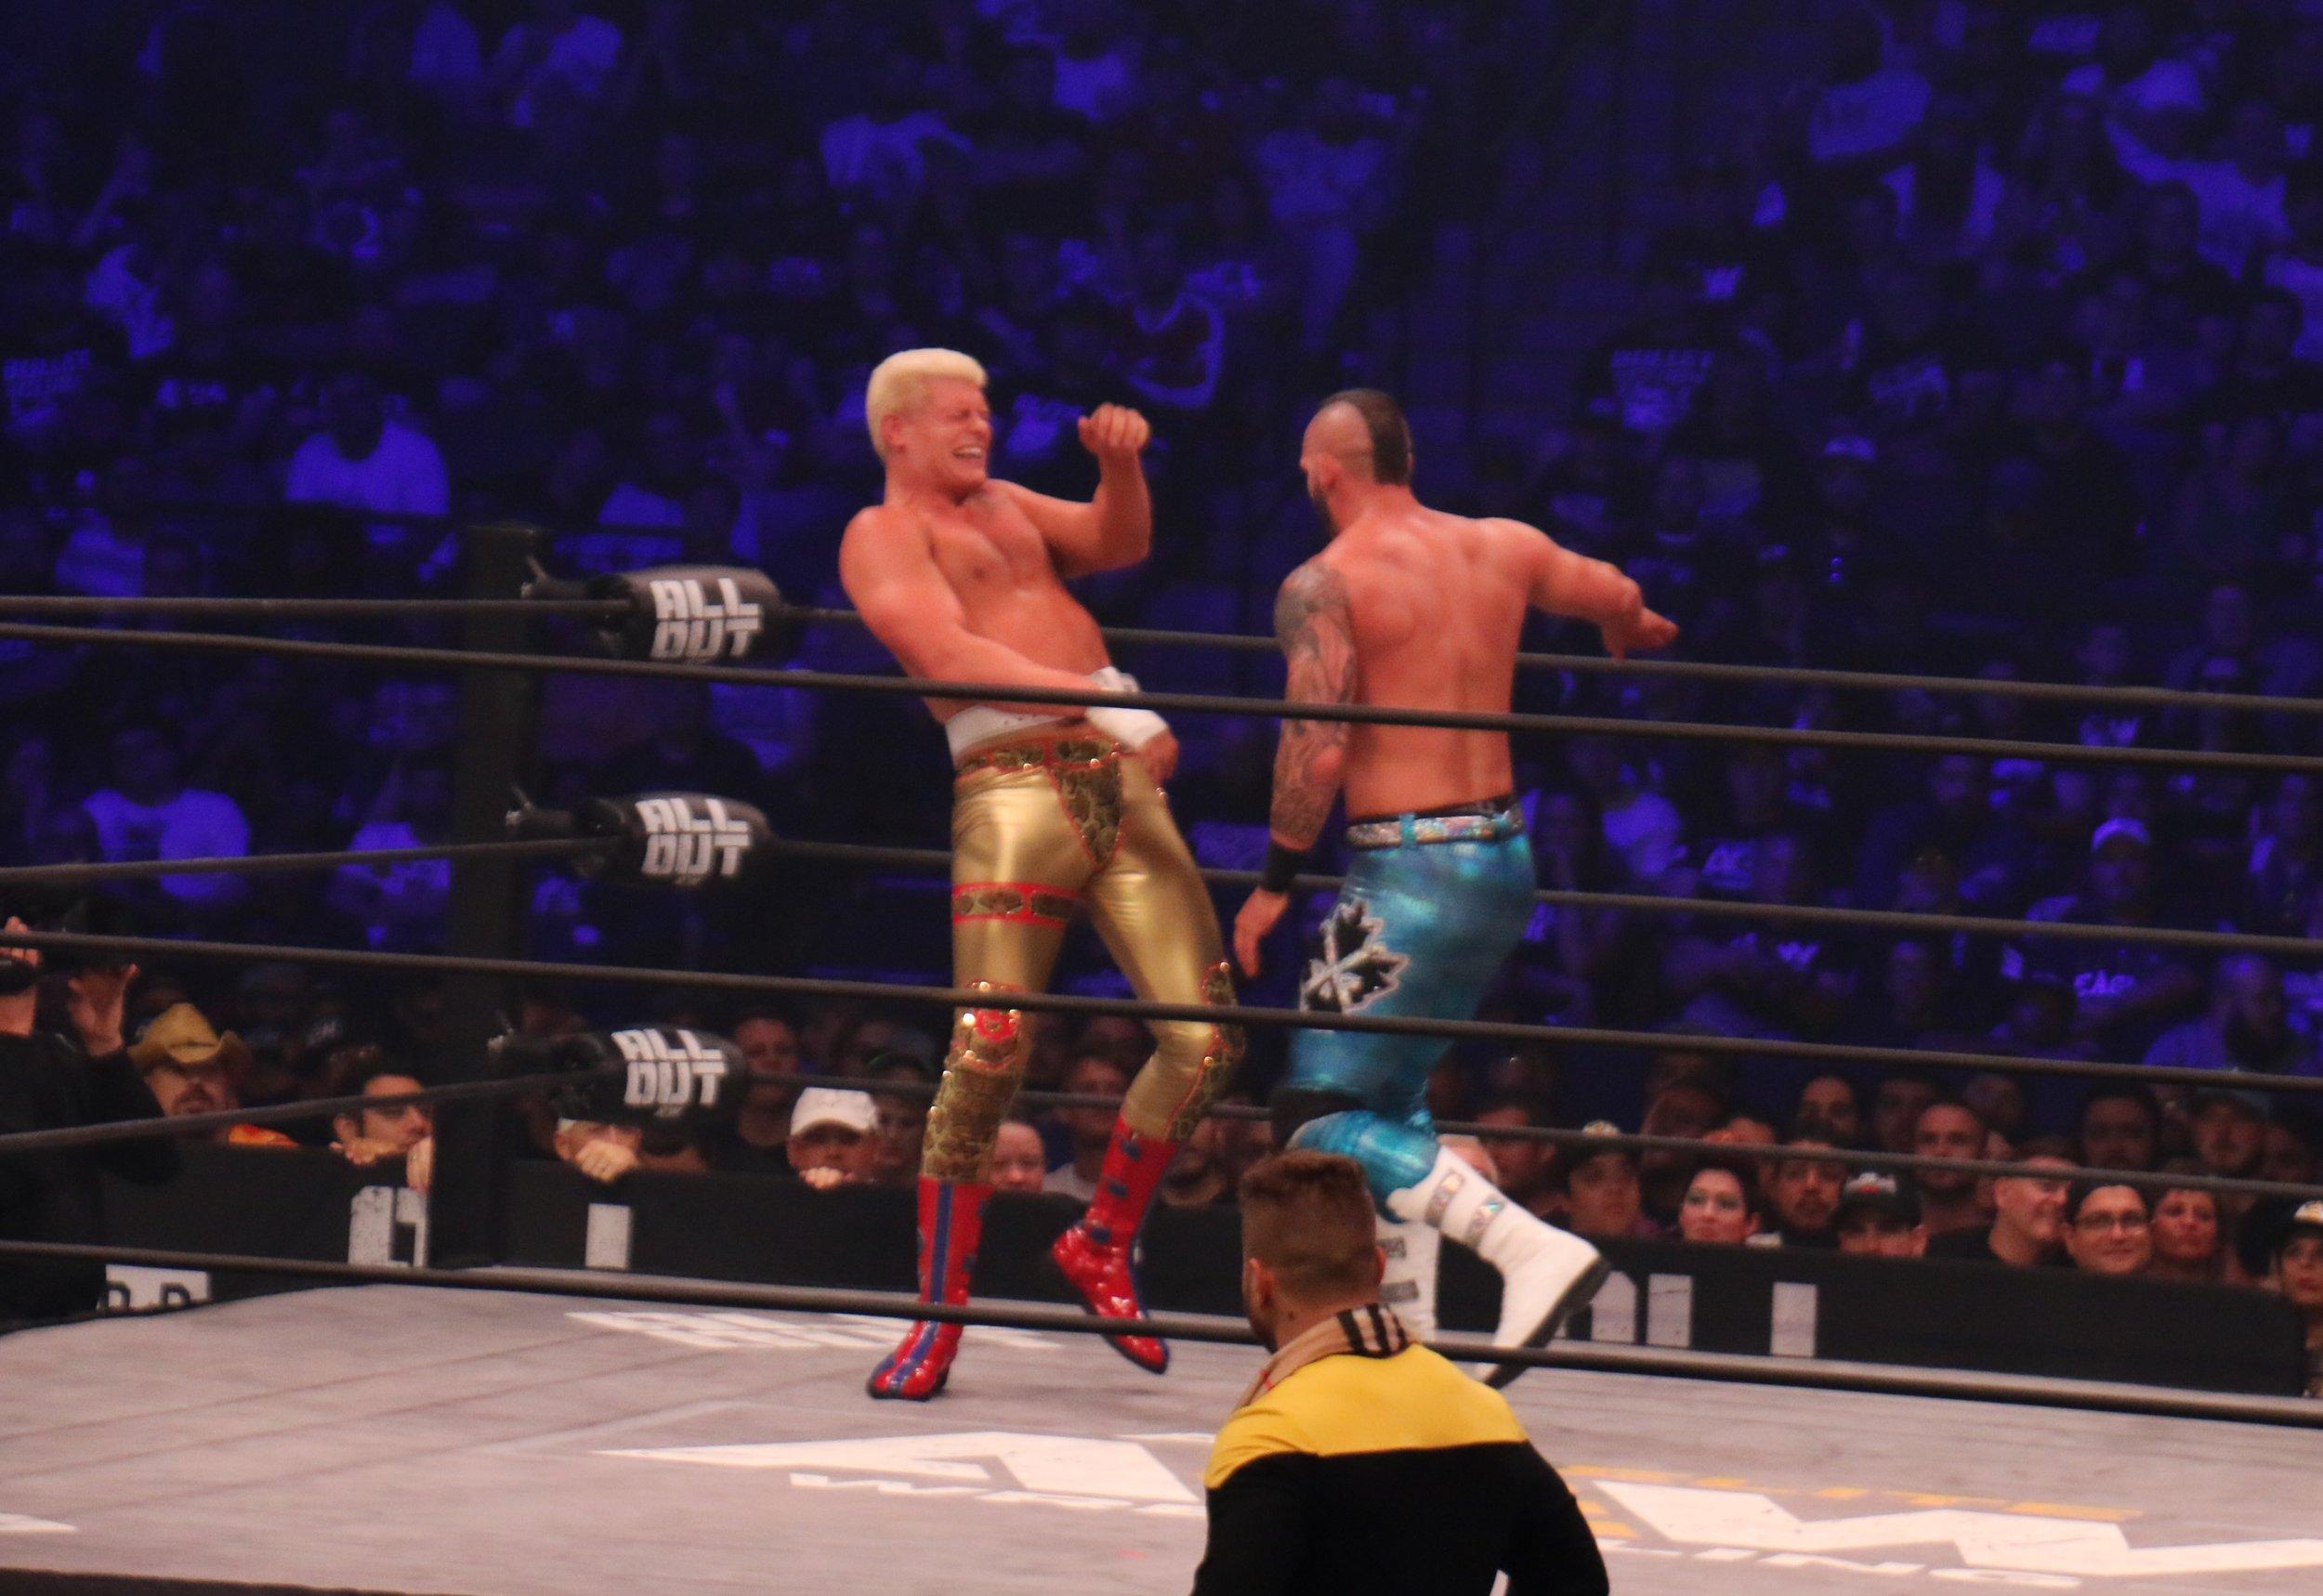 Shawn Spears chops Cody.